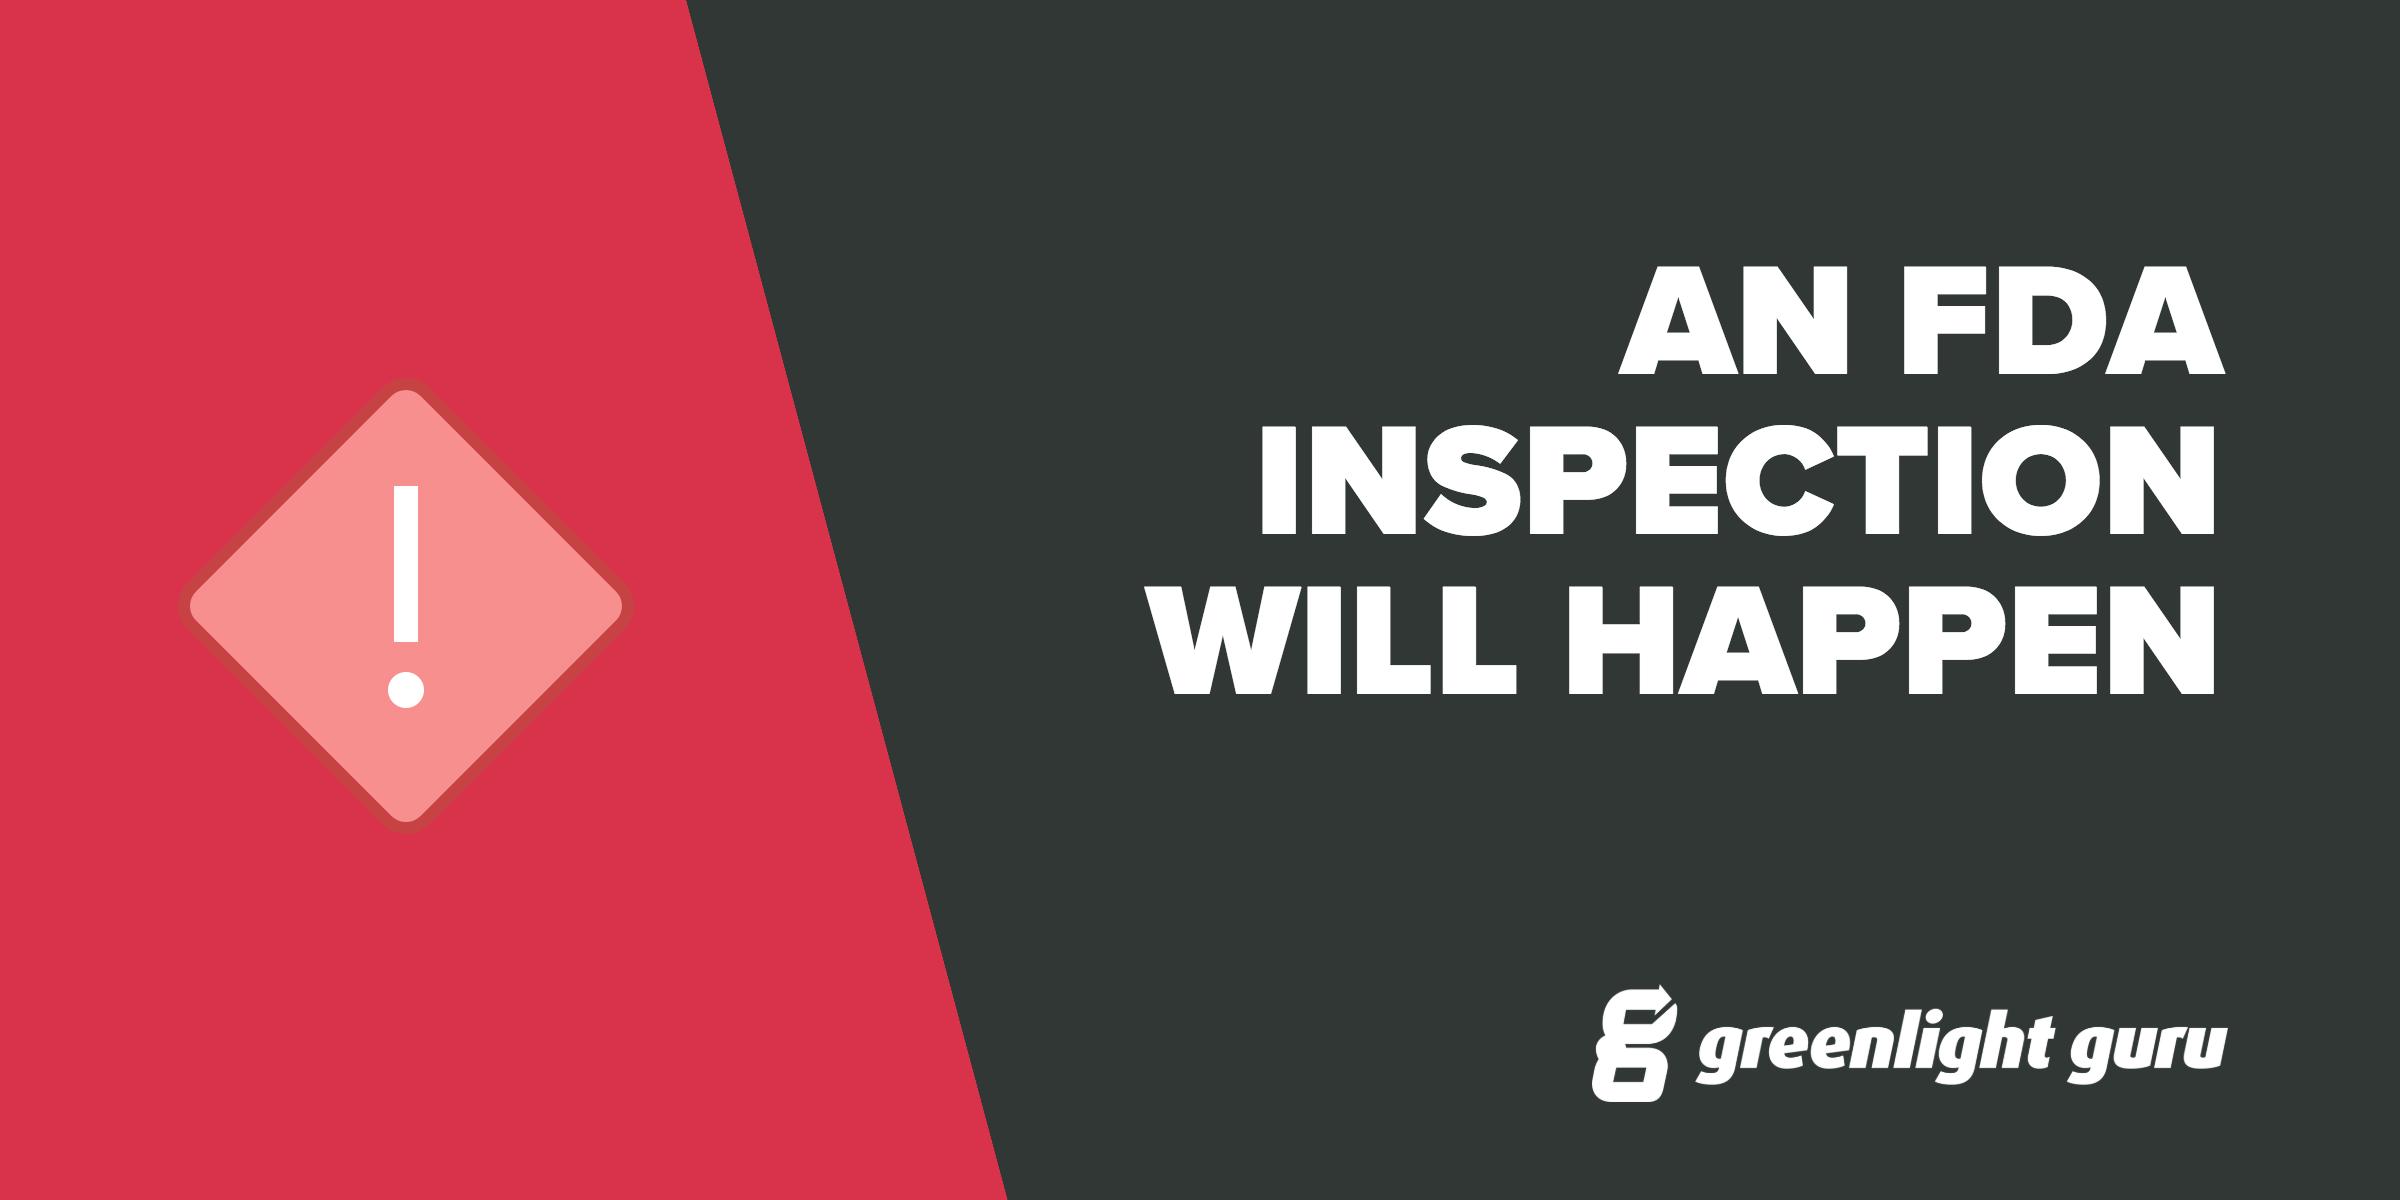 fda-inspection-will-happen